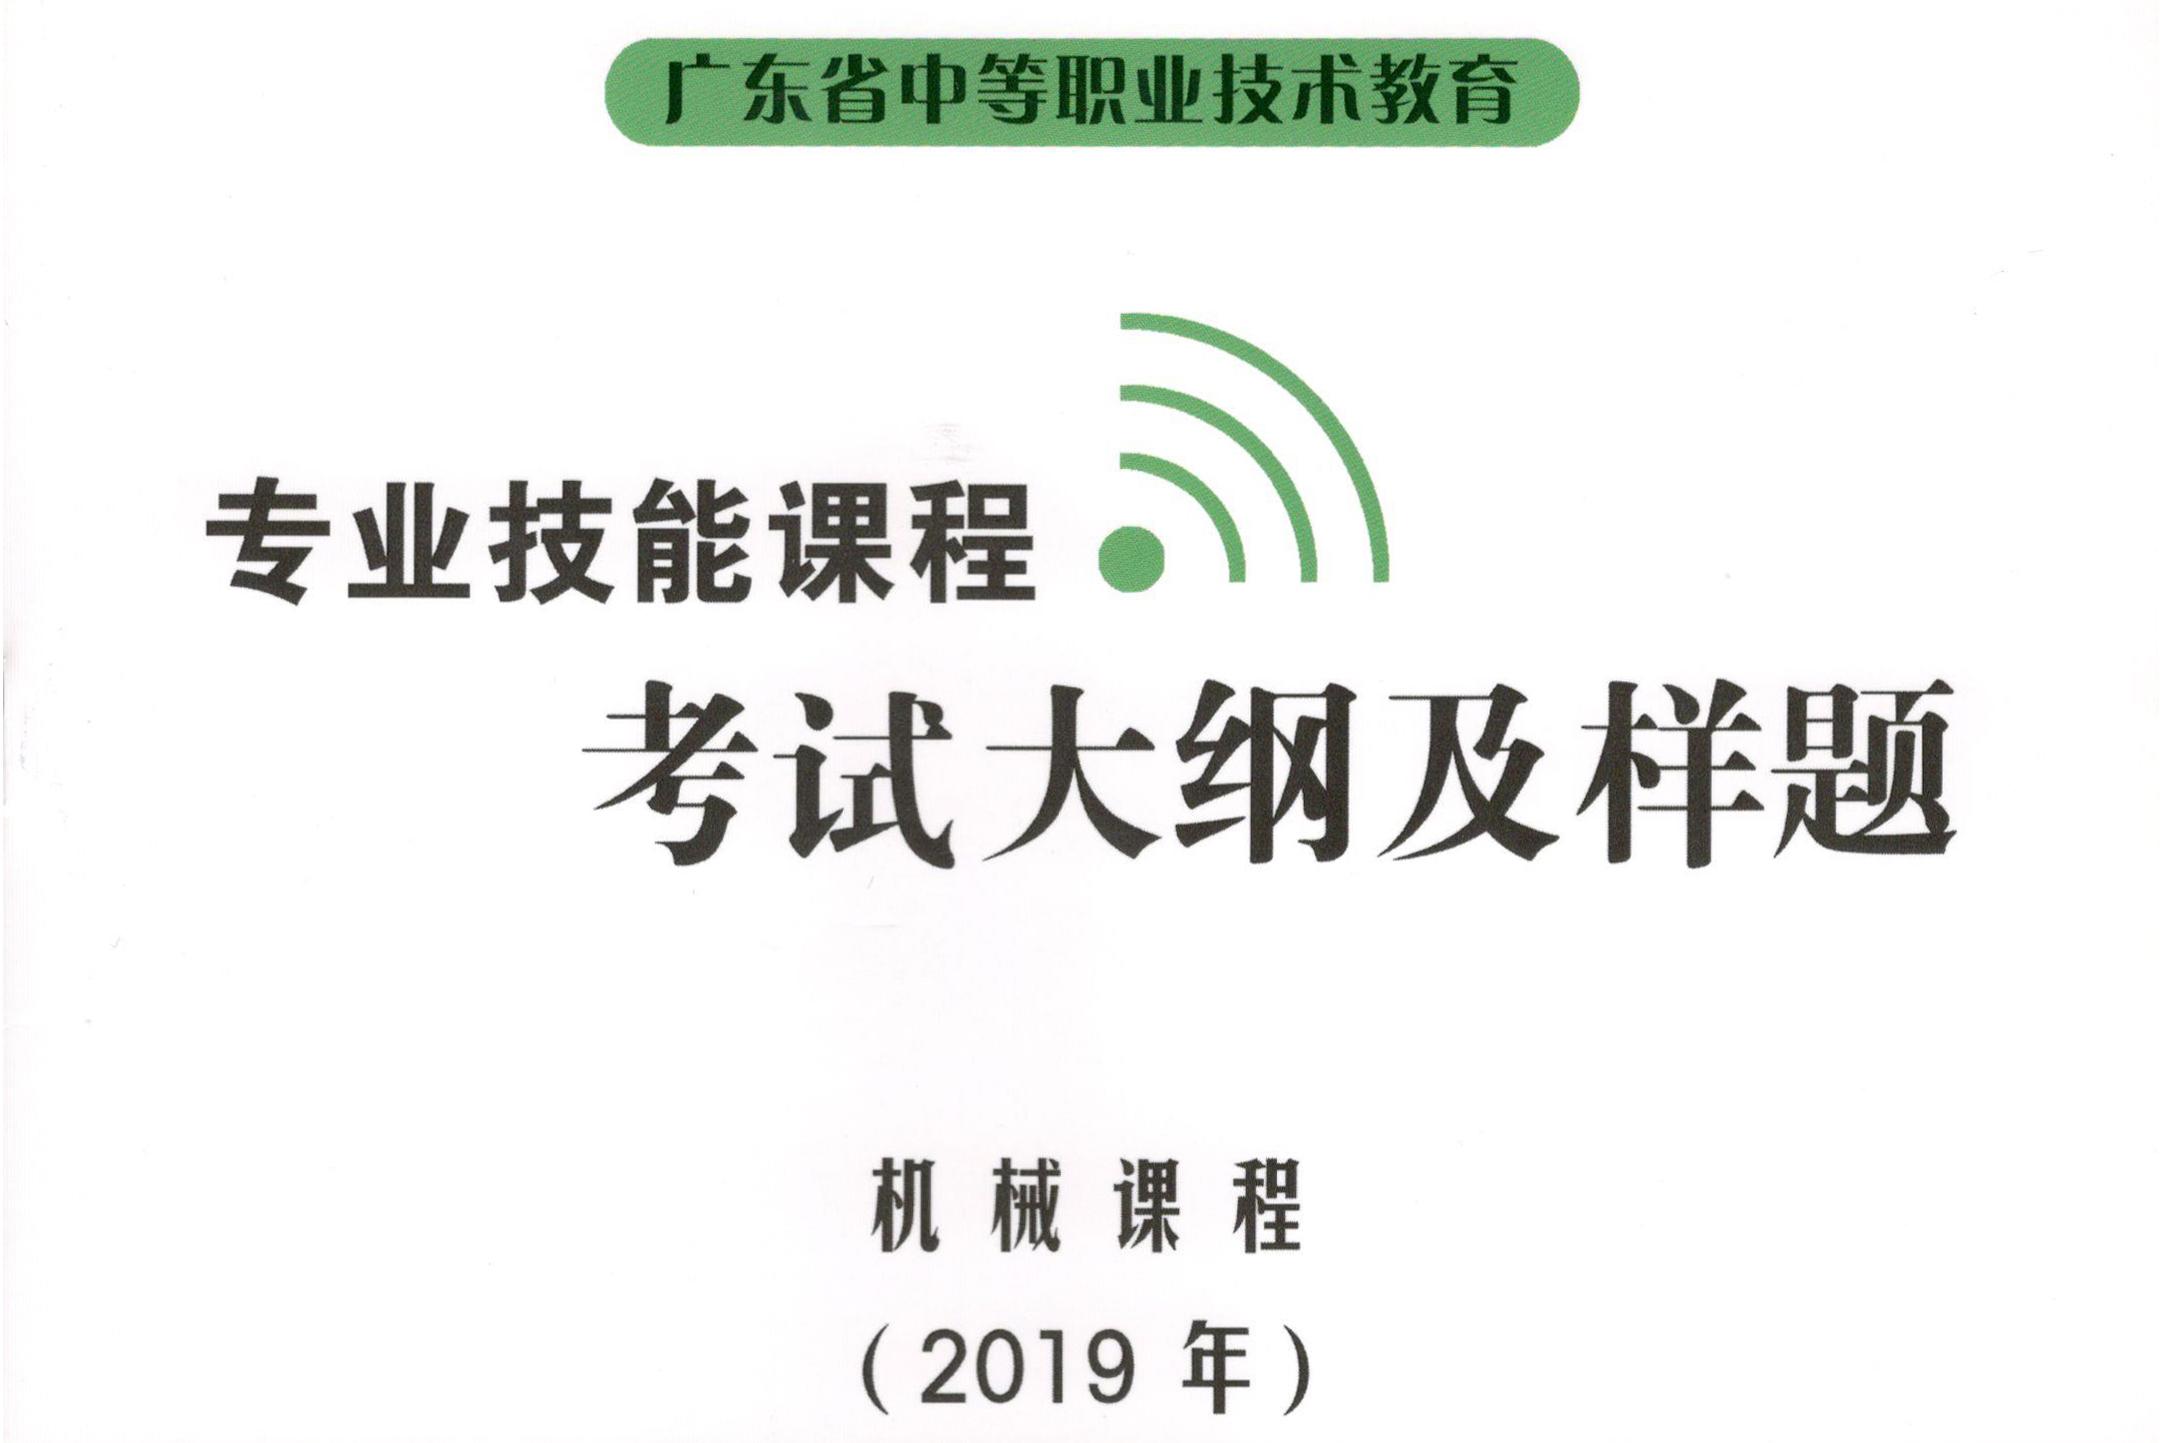 【考试大纲】广东2019中职技能证书——机械证书